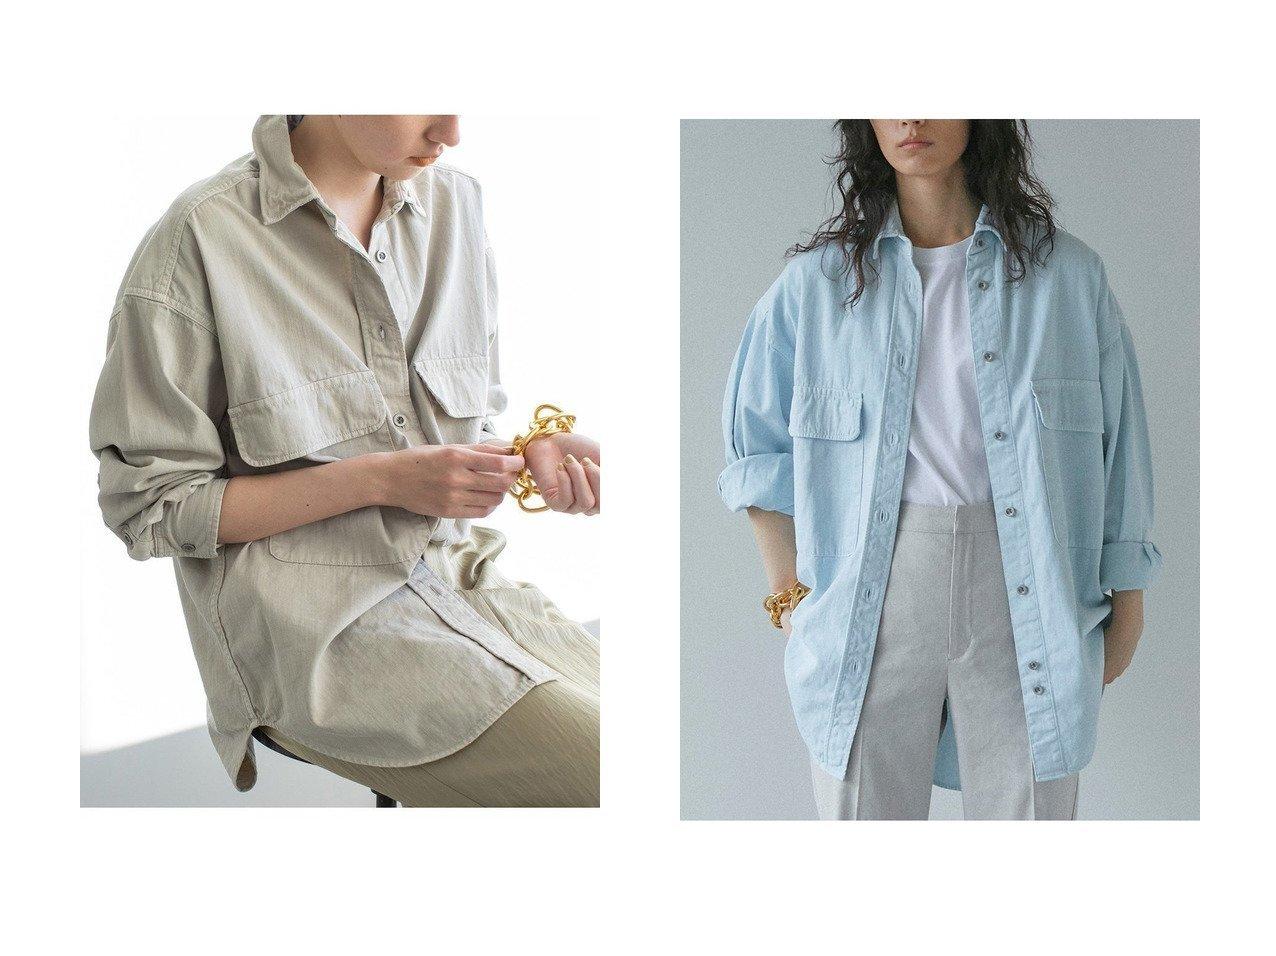 【GALLARDAGALANTE/ガリャルダガランテ】の【YANUK】別注CPOデニムシャツ GALLARDAGALANTEのおすすめ!人気、トレンド・レディースファッションの通販 おすすめで人気の流行・トレンド、ファッションの通販商品 メンズファッション・キッズファッション・インテリア・家具・レディースファッション・服の通販 founy(ファニー) https://founy.com/ ファッション Fashion レディースファッション WOMEN トップス Tops Tshirt シャツ/ブラウス Shirts Blouses 2021年 2021 2021 春夏 S/S SS Spring/Summer 2021 S/S 春夏 SS Spring/Summer シンプル スリーブ デニム ロング ワイヤー 別注 春 Spring |ID:crp329100000016955